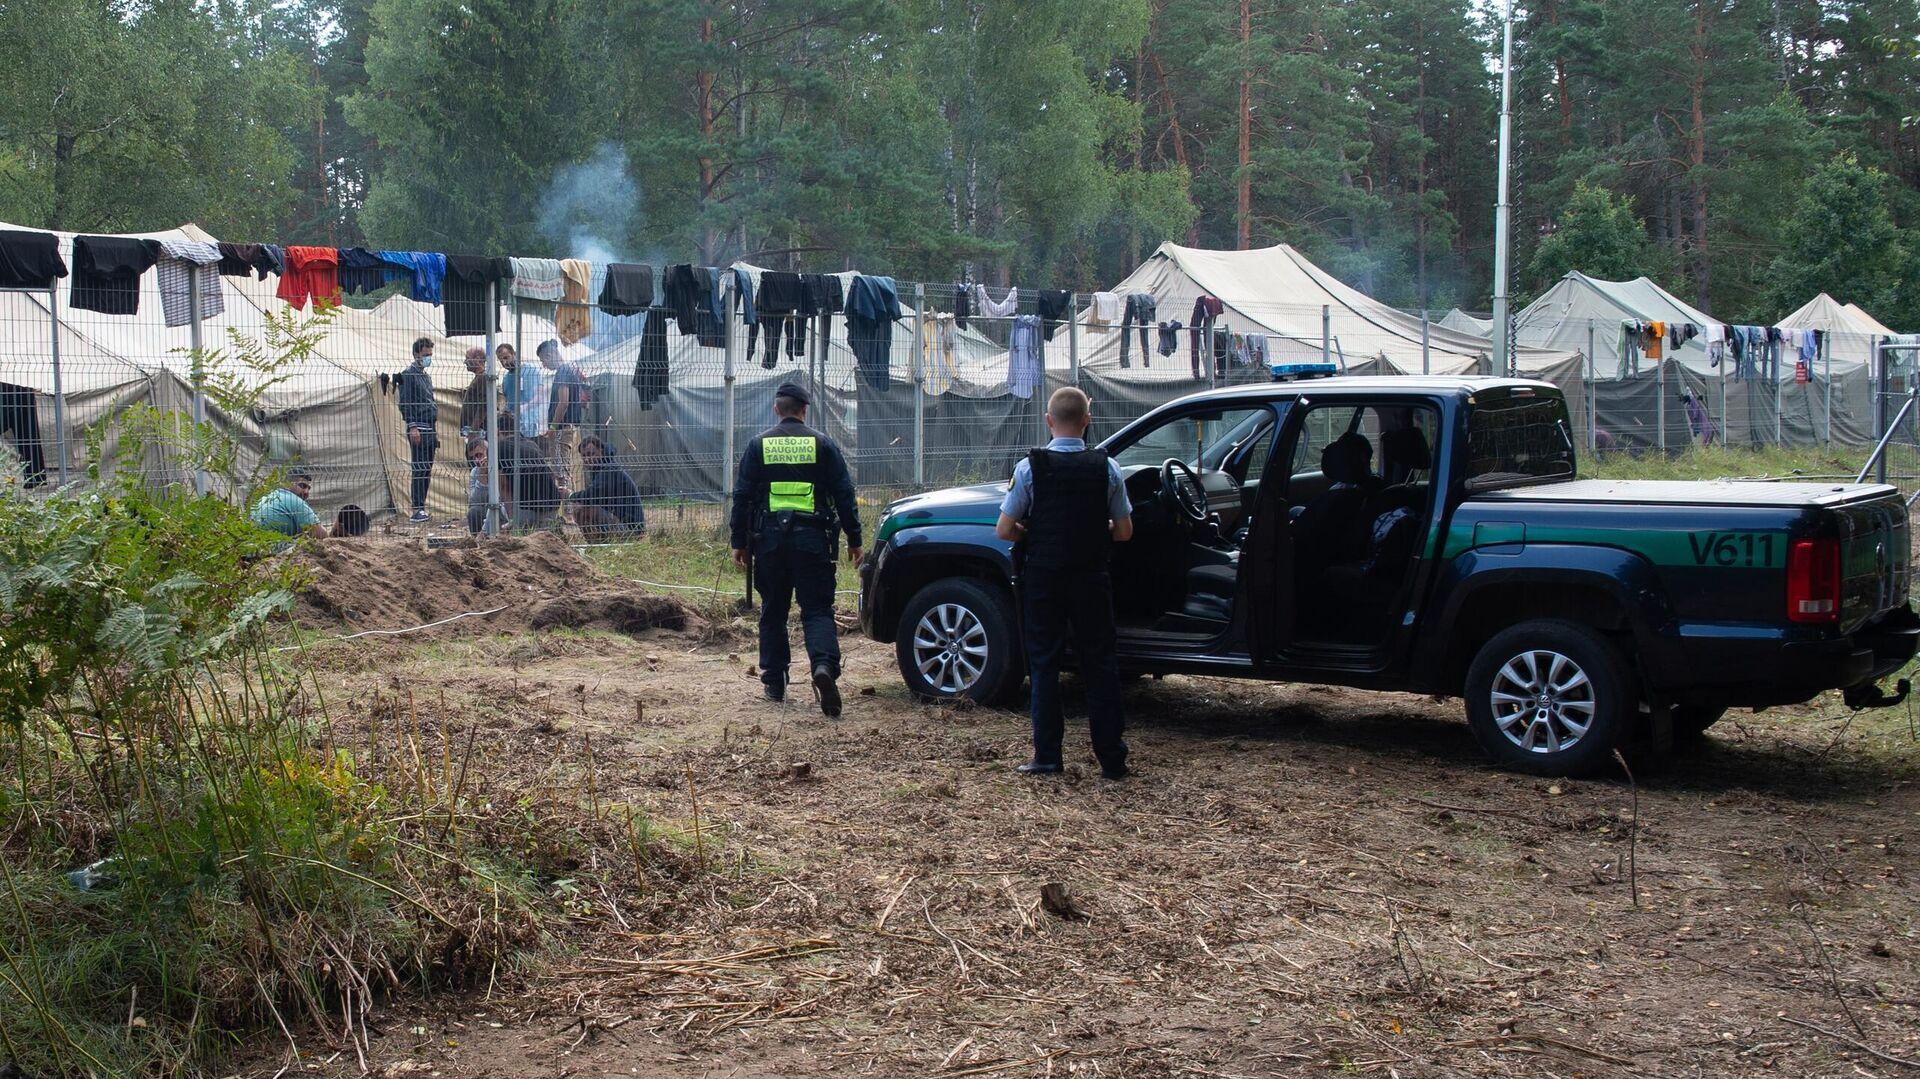 Полицейские возле лагеря мигрантов на литовско-белорусской границе - РИА Новости, 1920, 30.08.2021